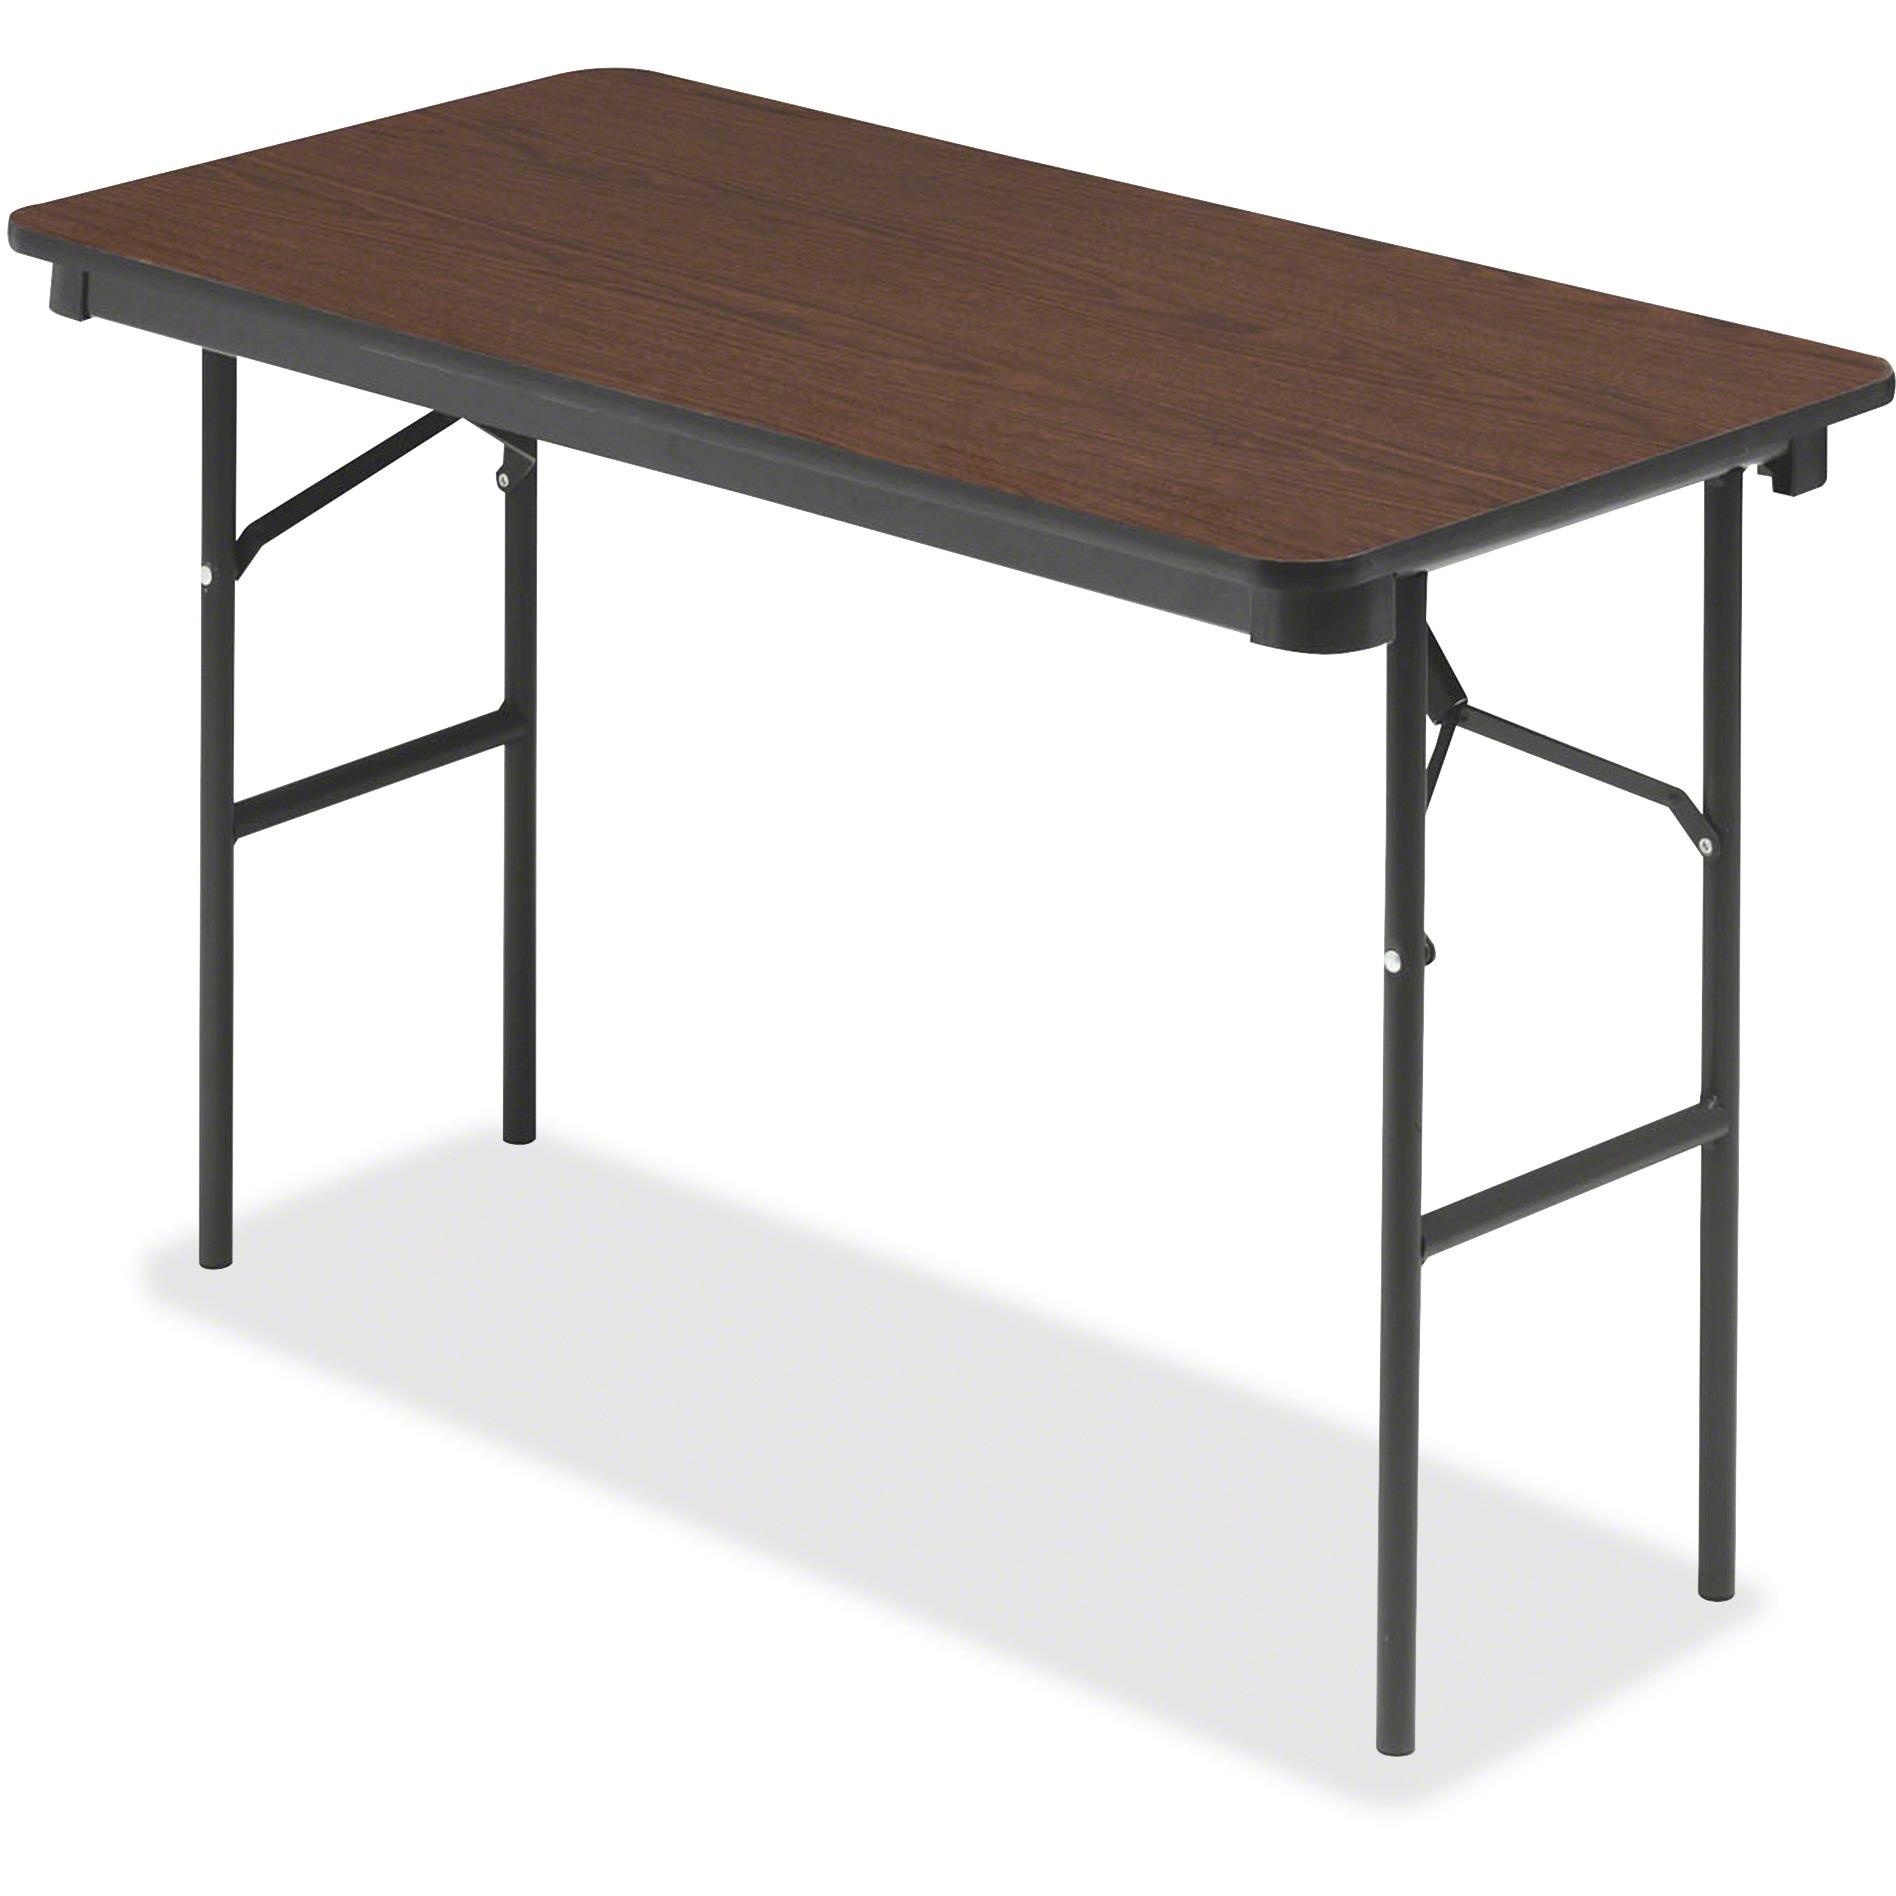 """Iceberg Economy Wood Laminate Folding Table, 30""""x60\ by ICEBERG ENTERPRISES"""